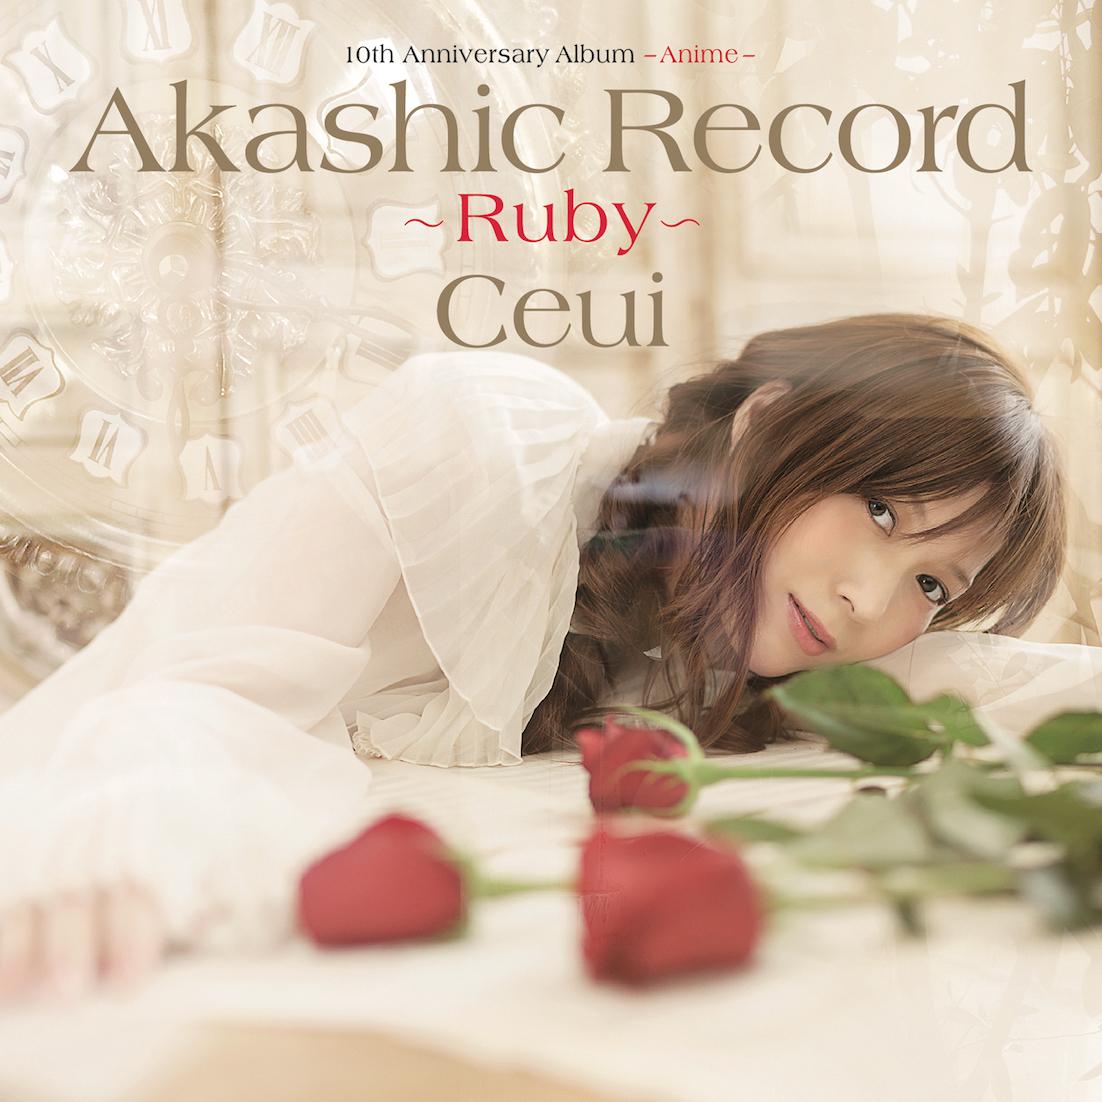 リサイズCeui_Akashick_Record_JACKET_H1